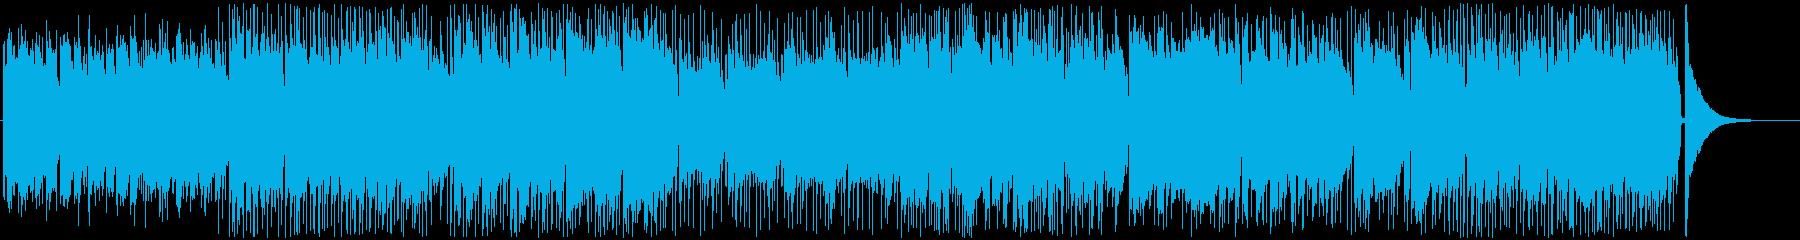 ほっこり晴れの日カフェボッサ-動画BGMの再生済みの波形